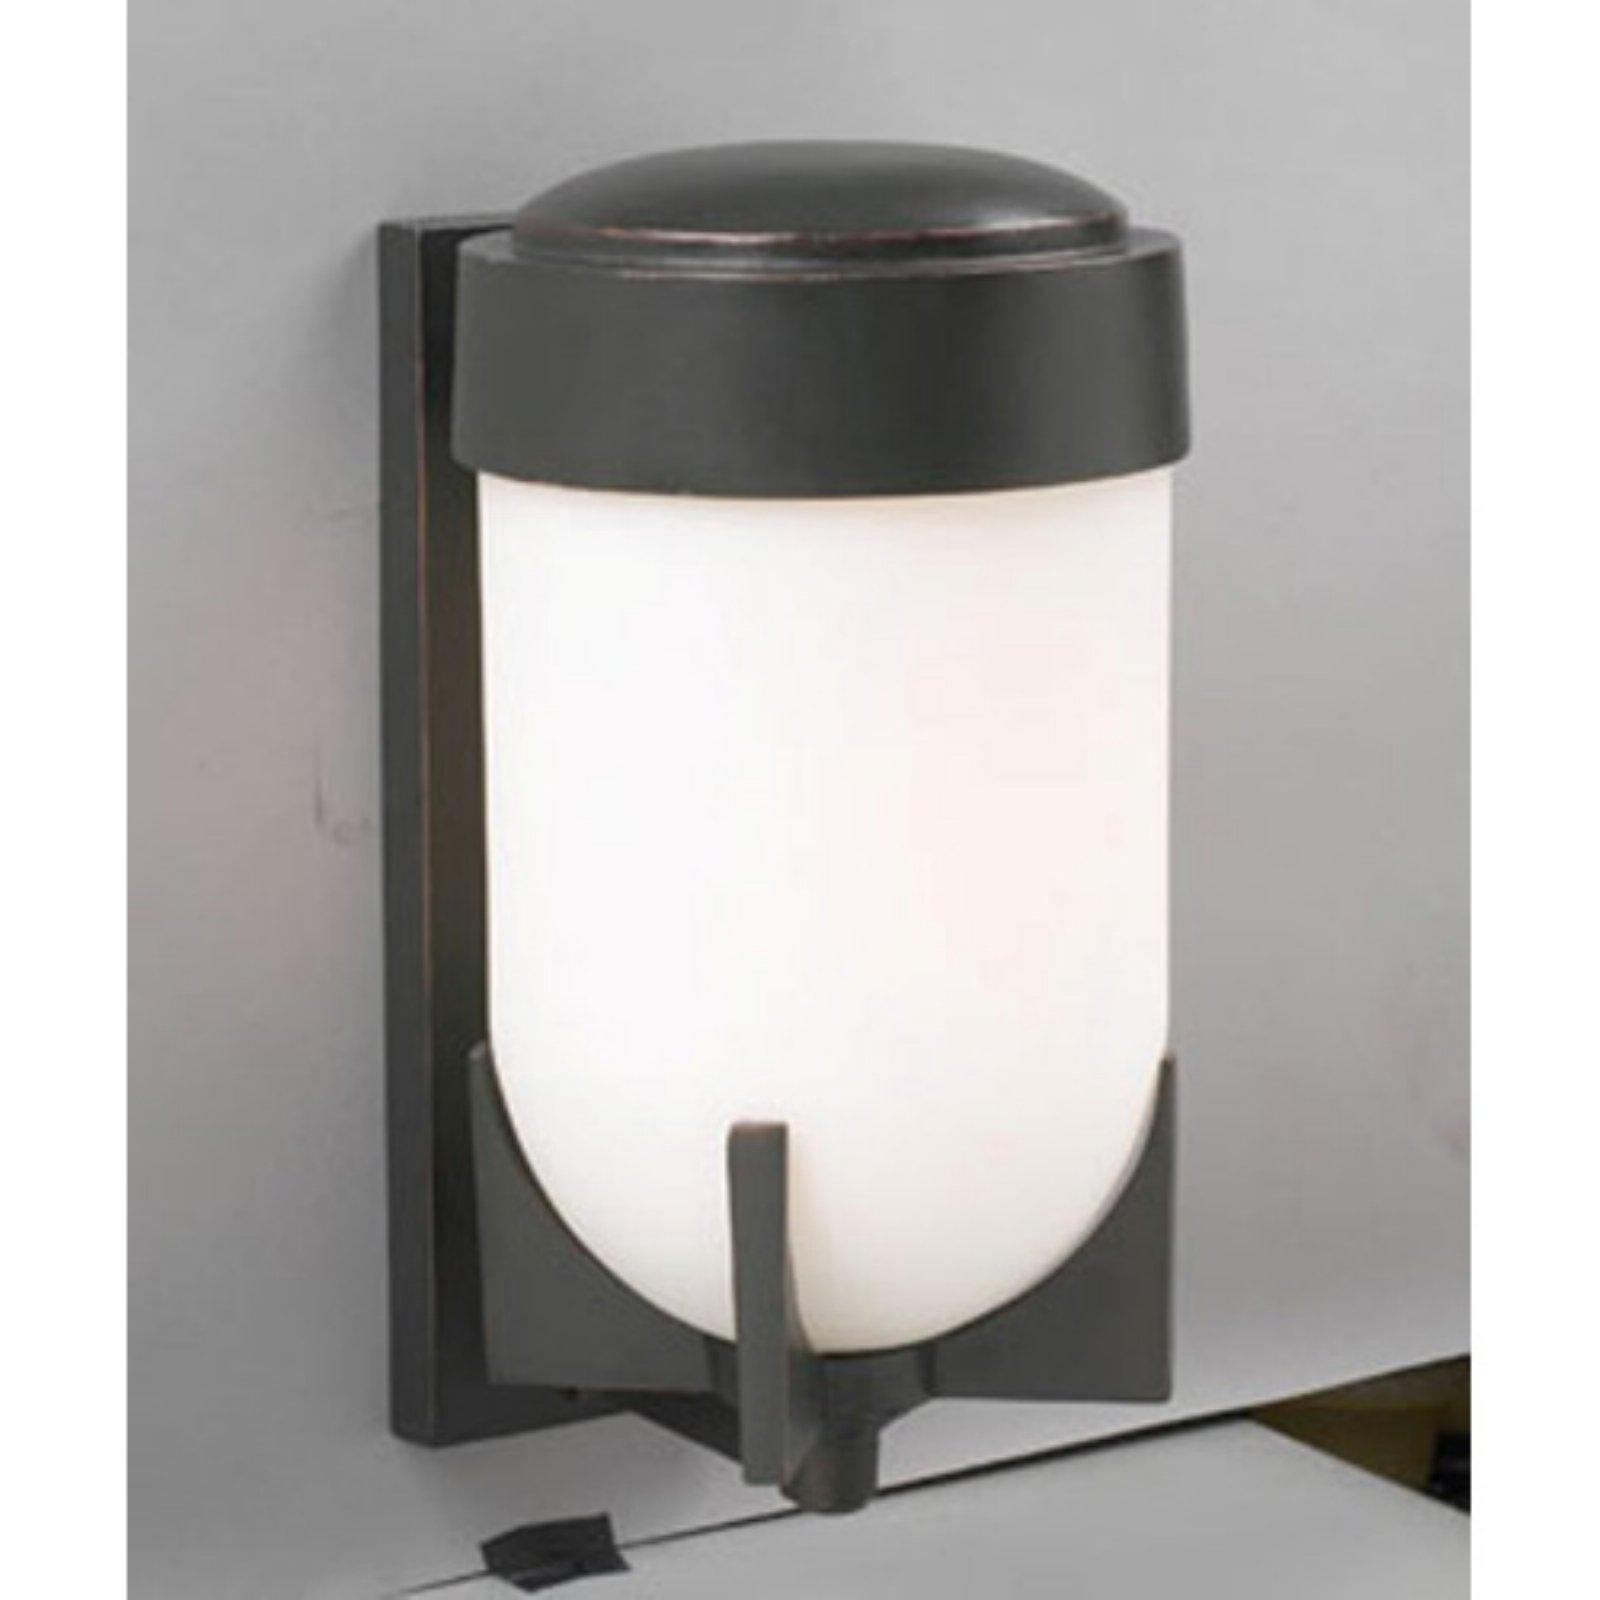 PLC Lighting Firenzi 31758 ORB Outdoor Wall Light